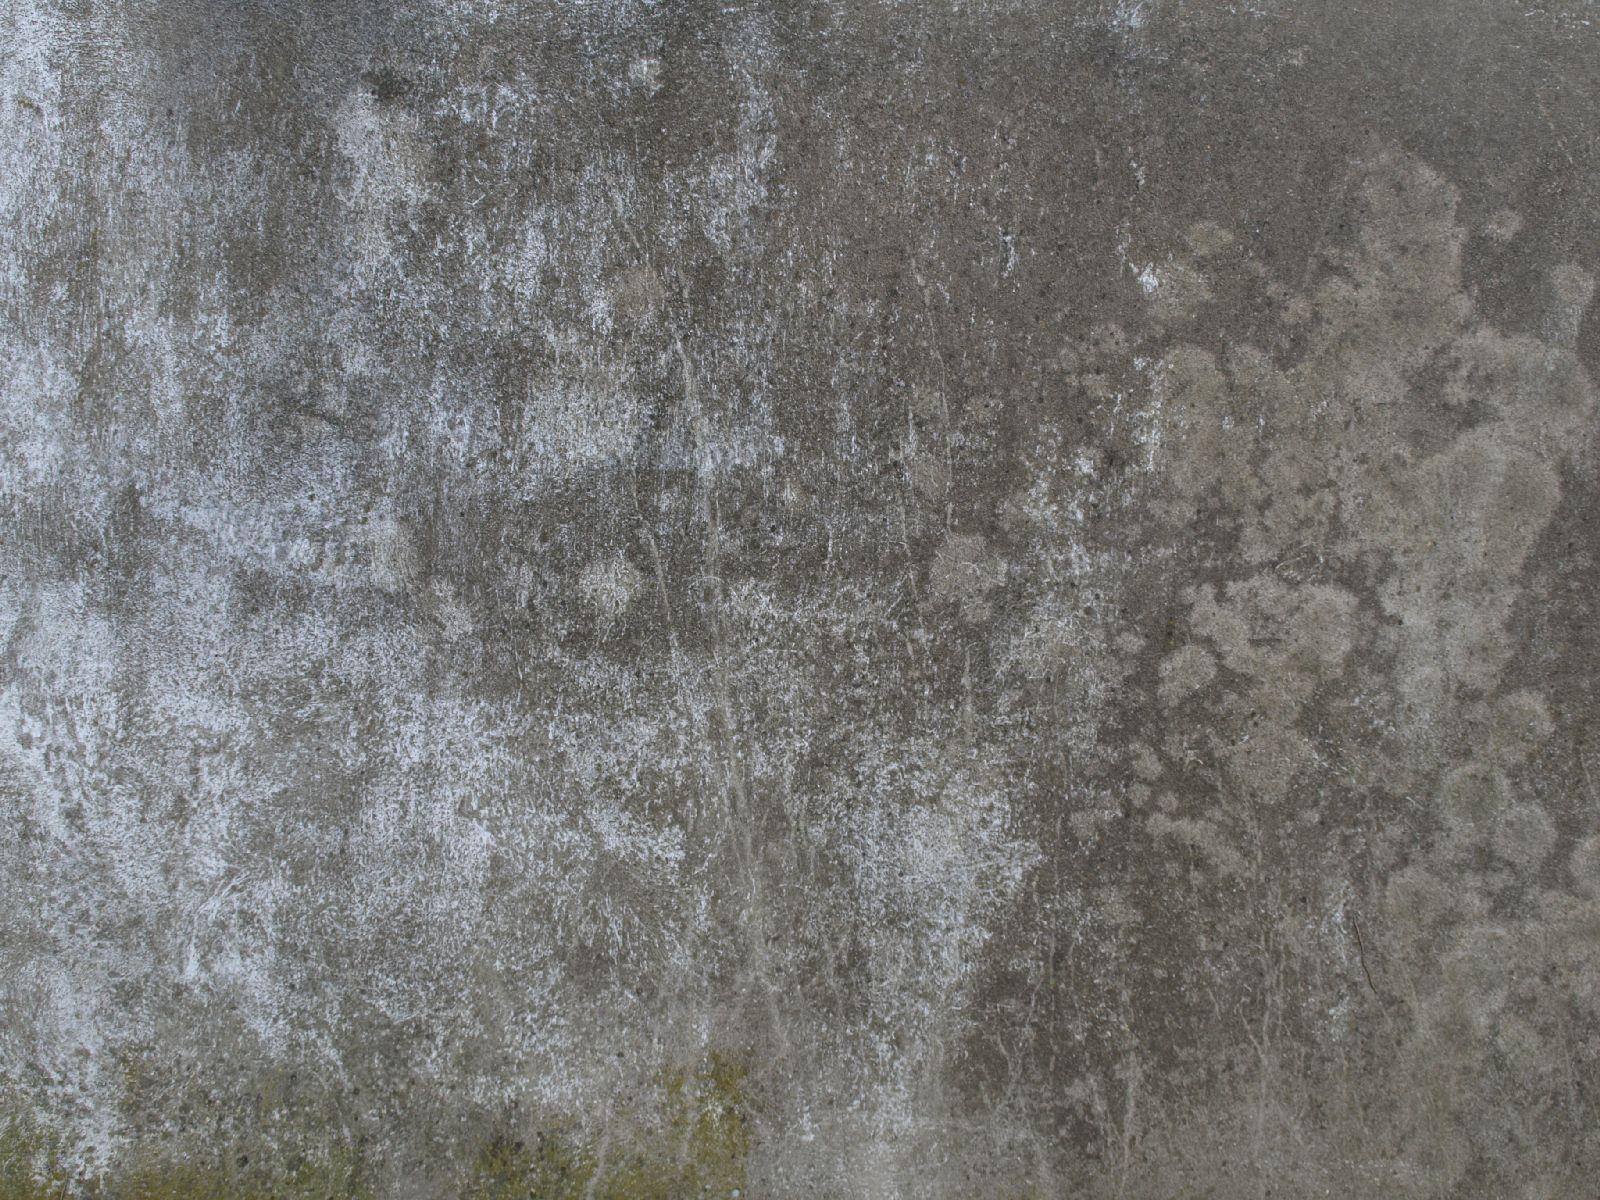 Grunge-Dreck_Textur_A_P6083352